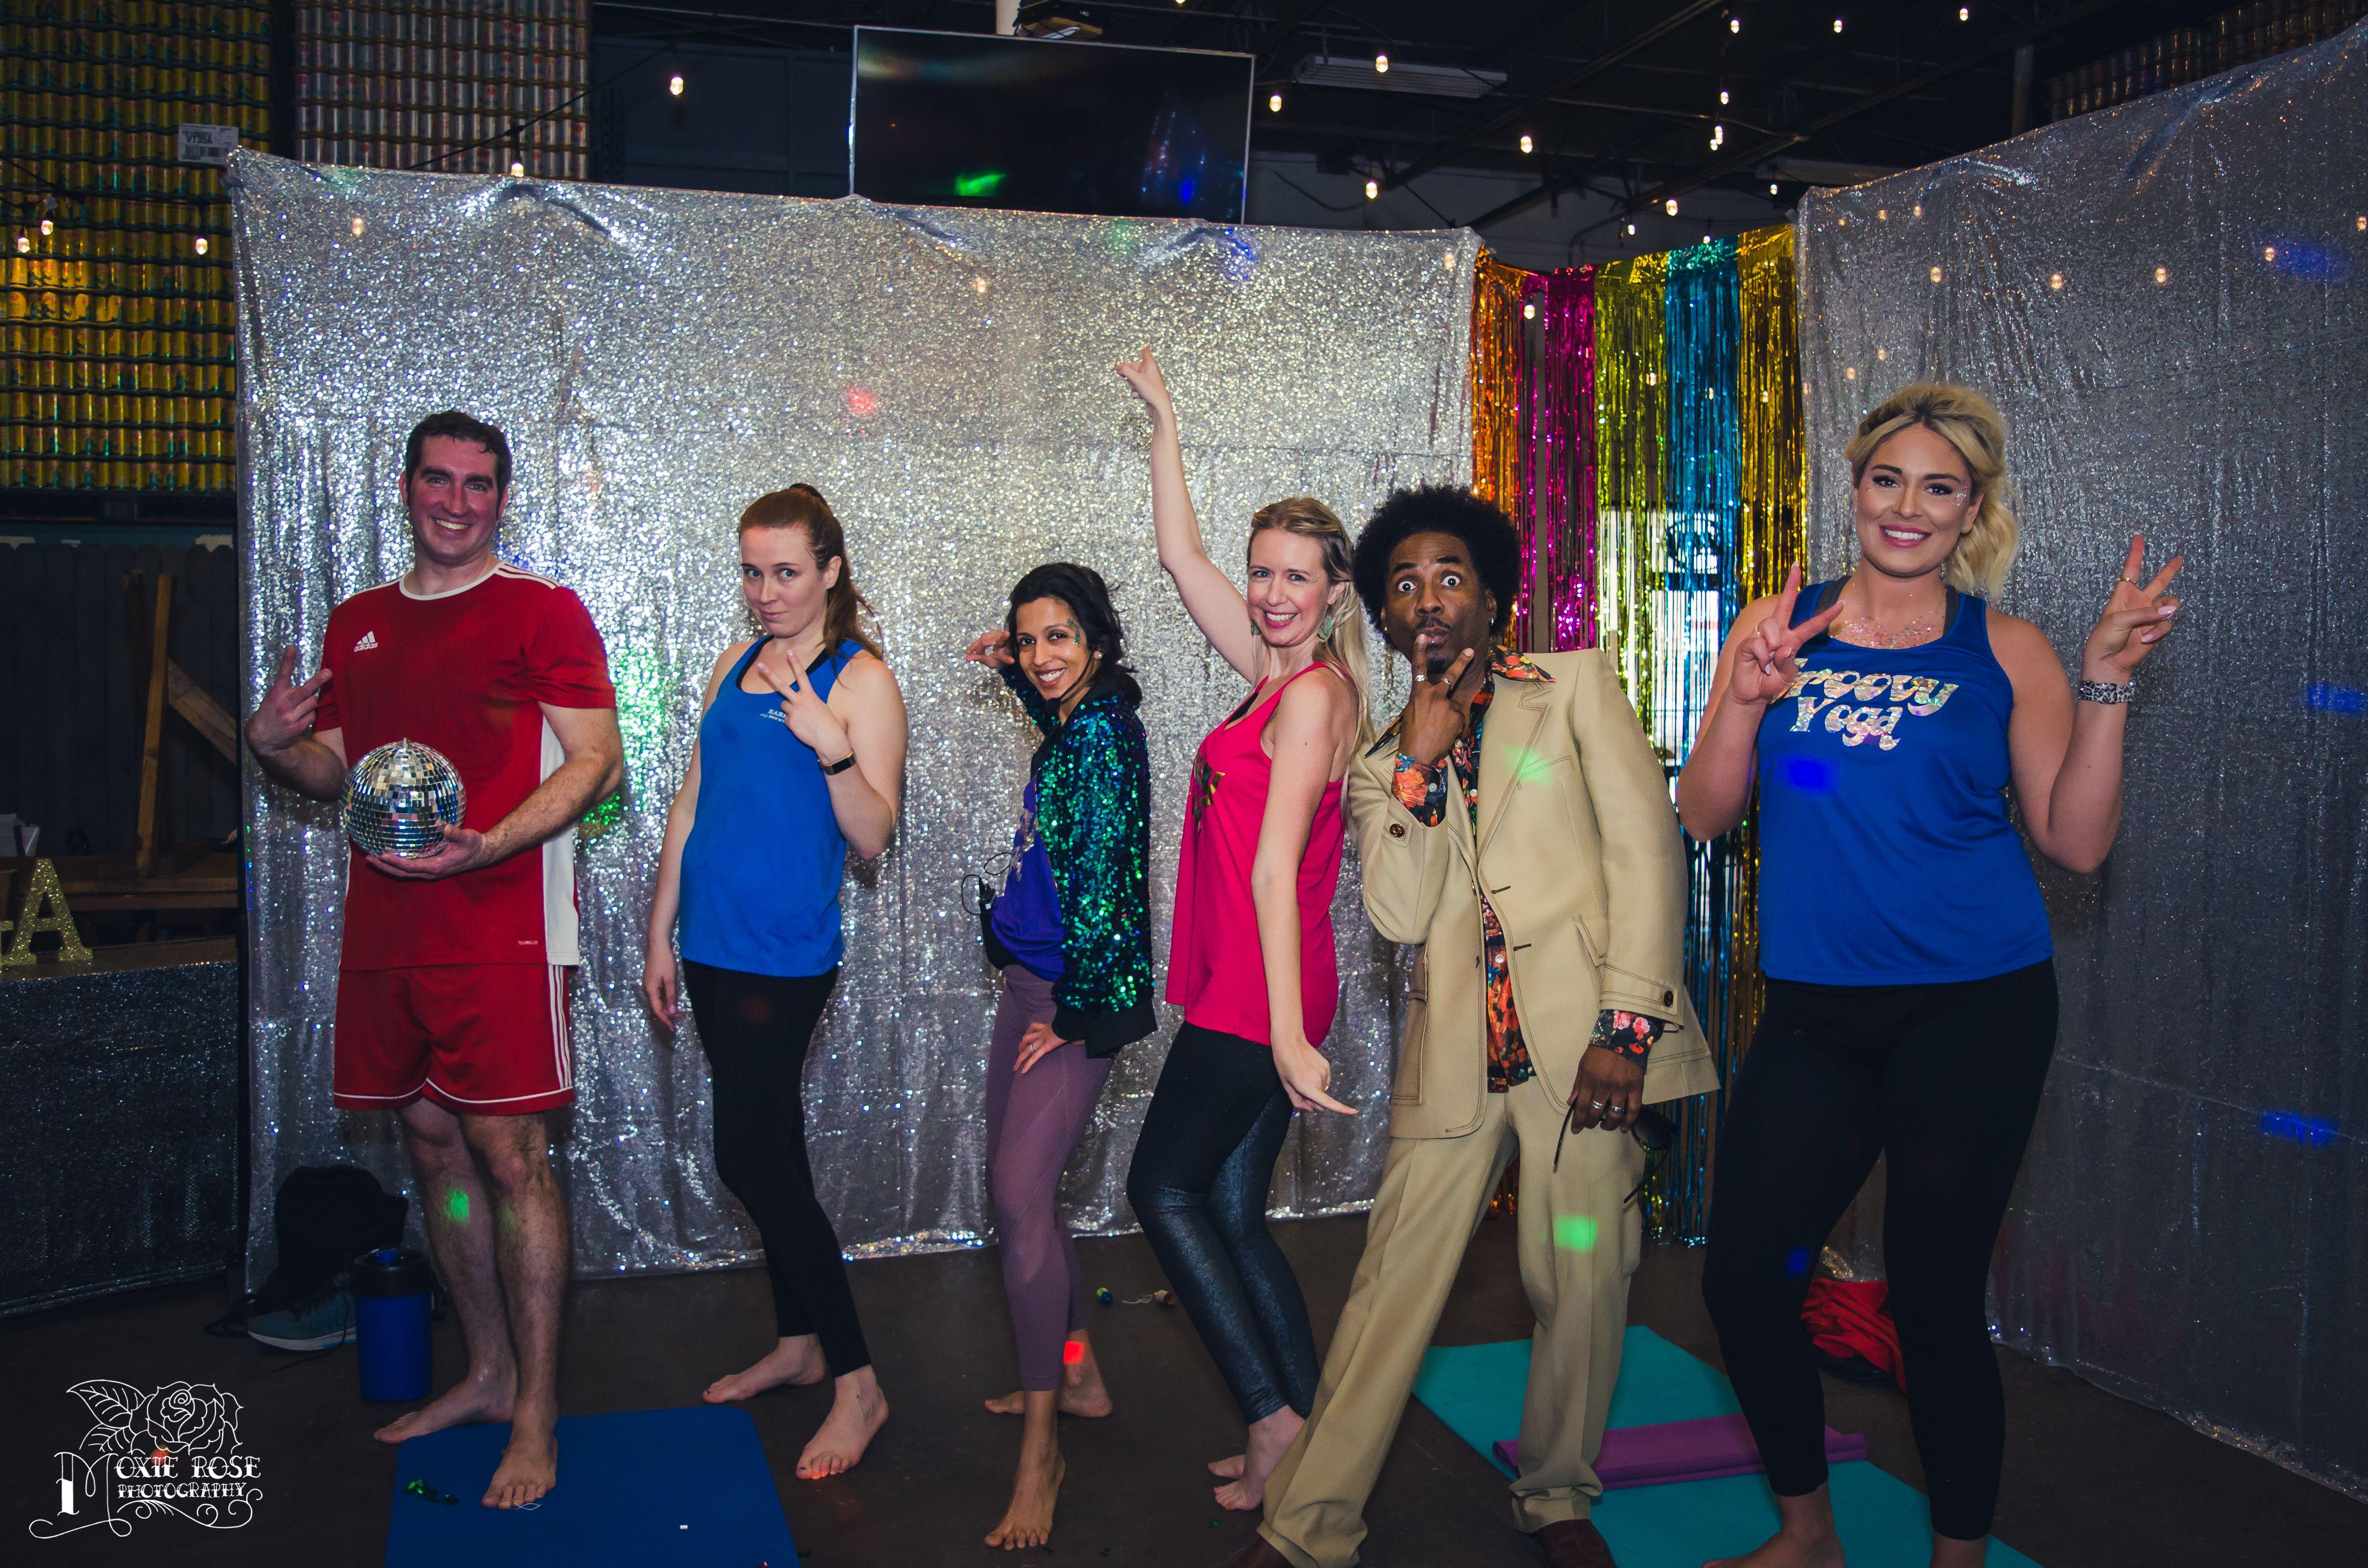 New Friends + Fun Stuff To Do in Dallas - Fort Worth